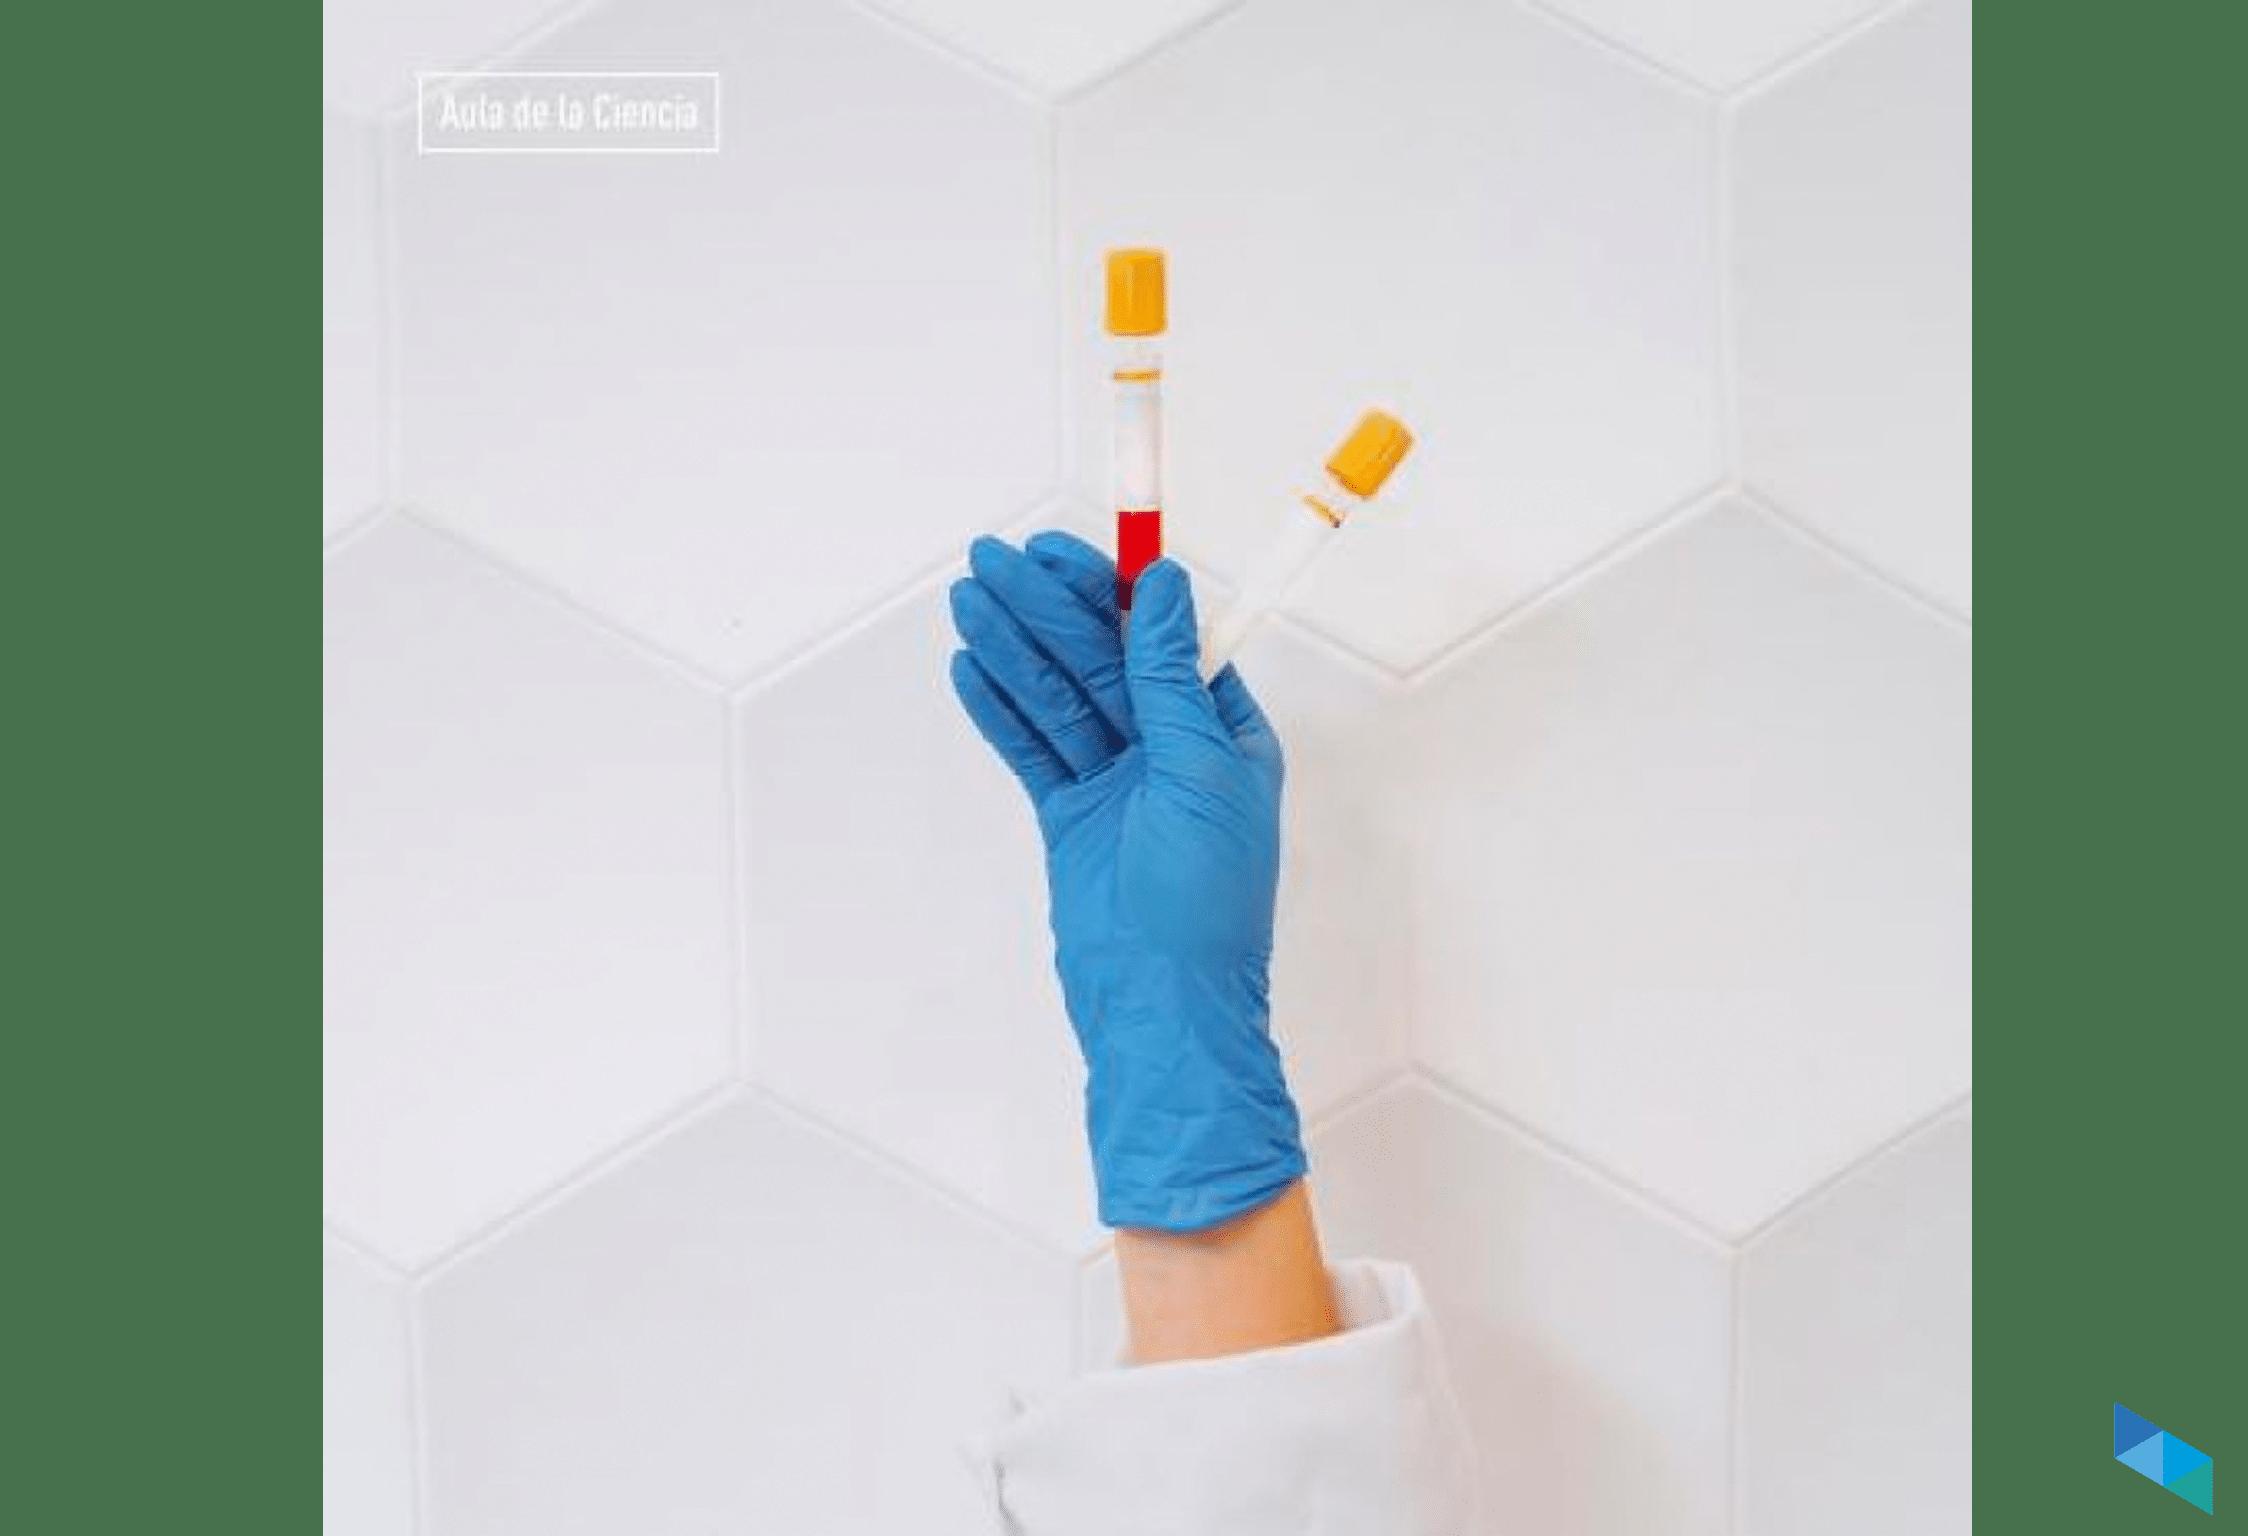 Nuevas aproximaciones para la investigación en enfermedades raras